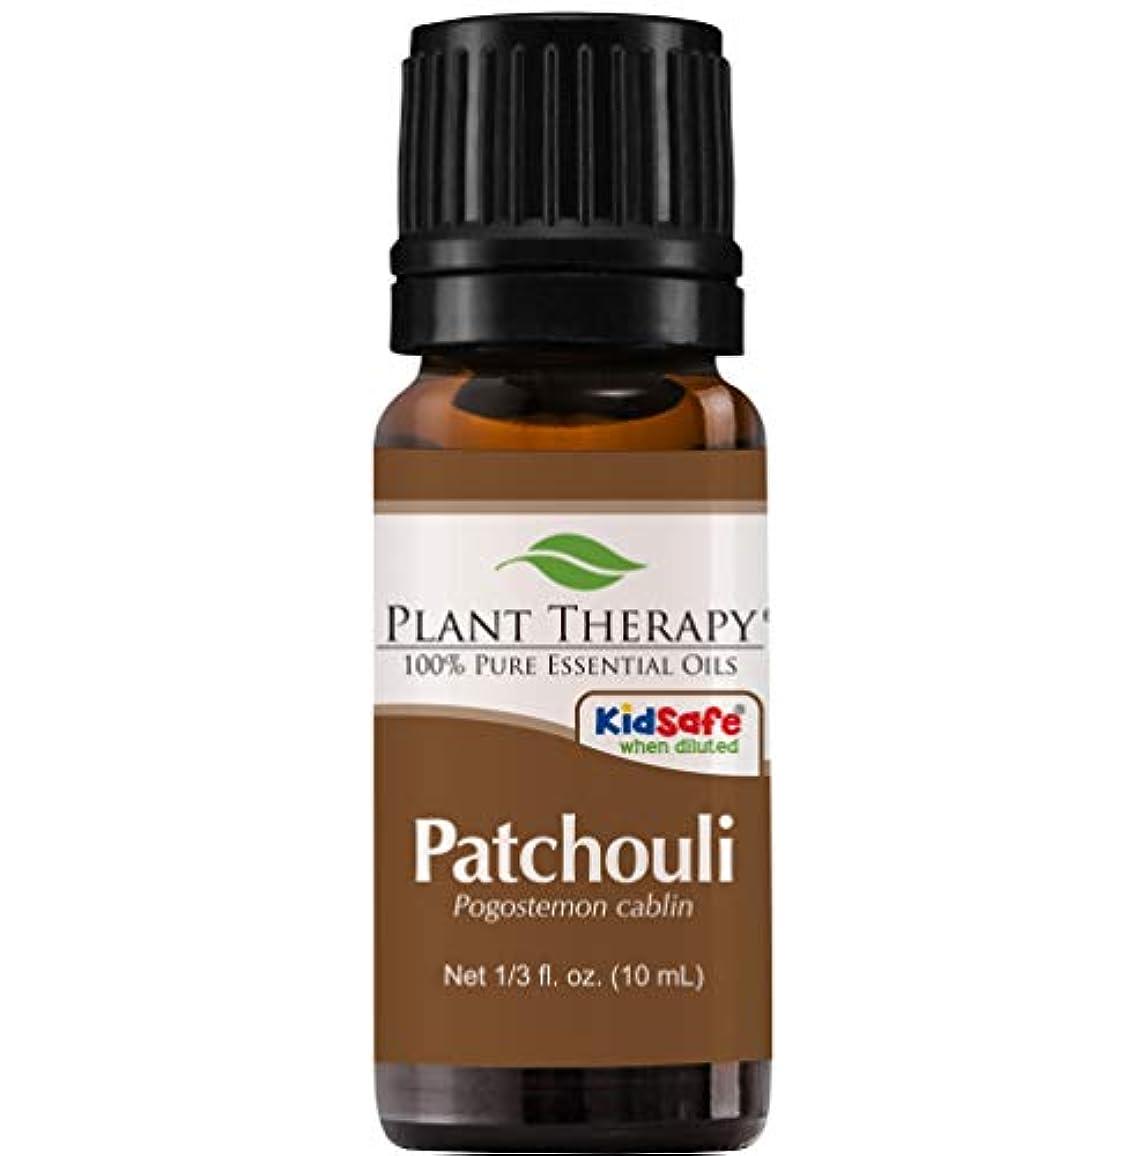 サイズ絶望ロシアPlant Therapy Essential Oils (プラントセラピー エッセンシャルオイル) パチョリ エッセンシャルオイル